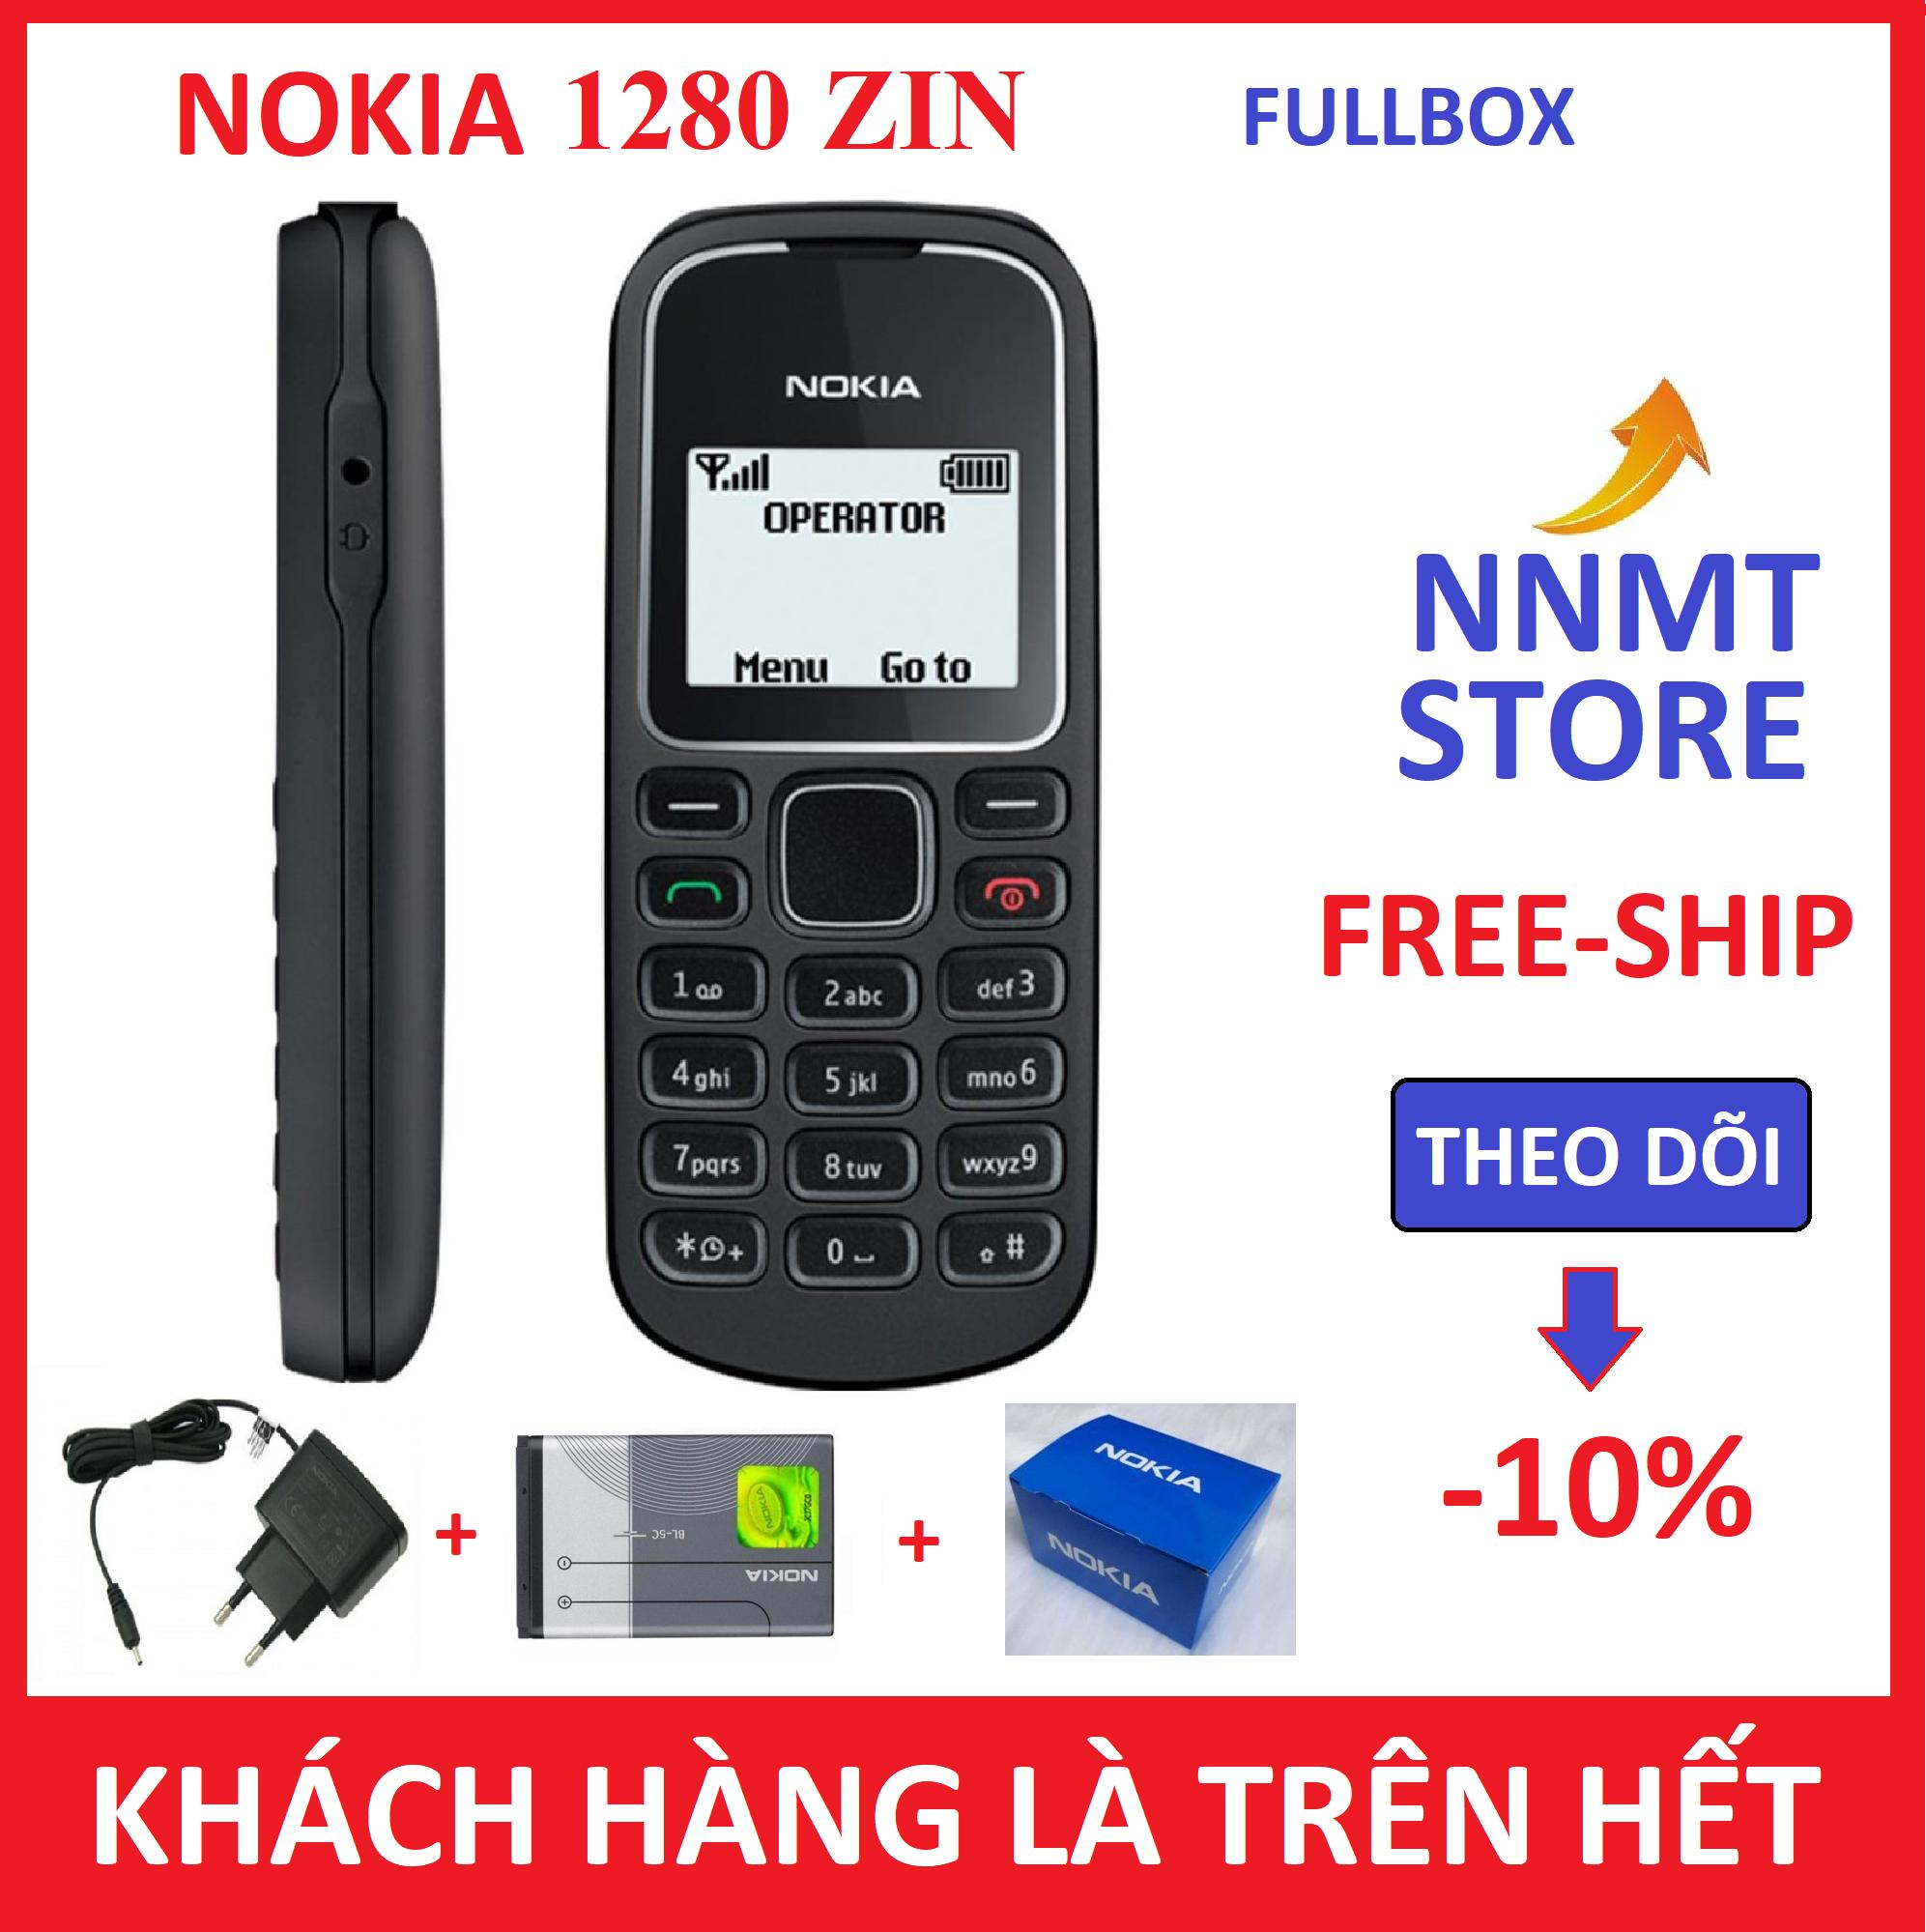 Điện thoại Nokia 1280 – (Máy pin sạc) – Siêu rẻ siêu bền – Giá rẻ nhât – NNMT STORE